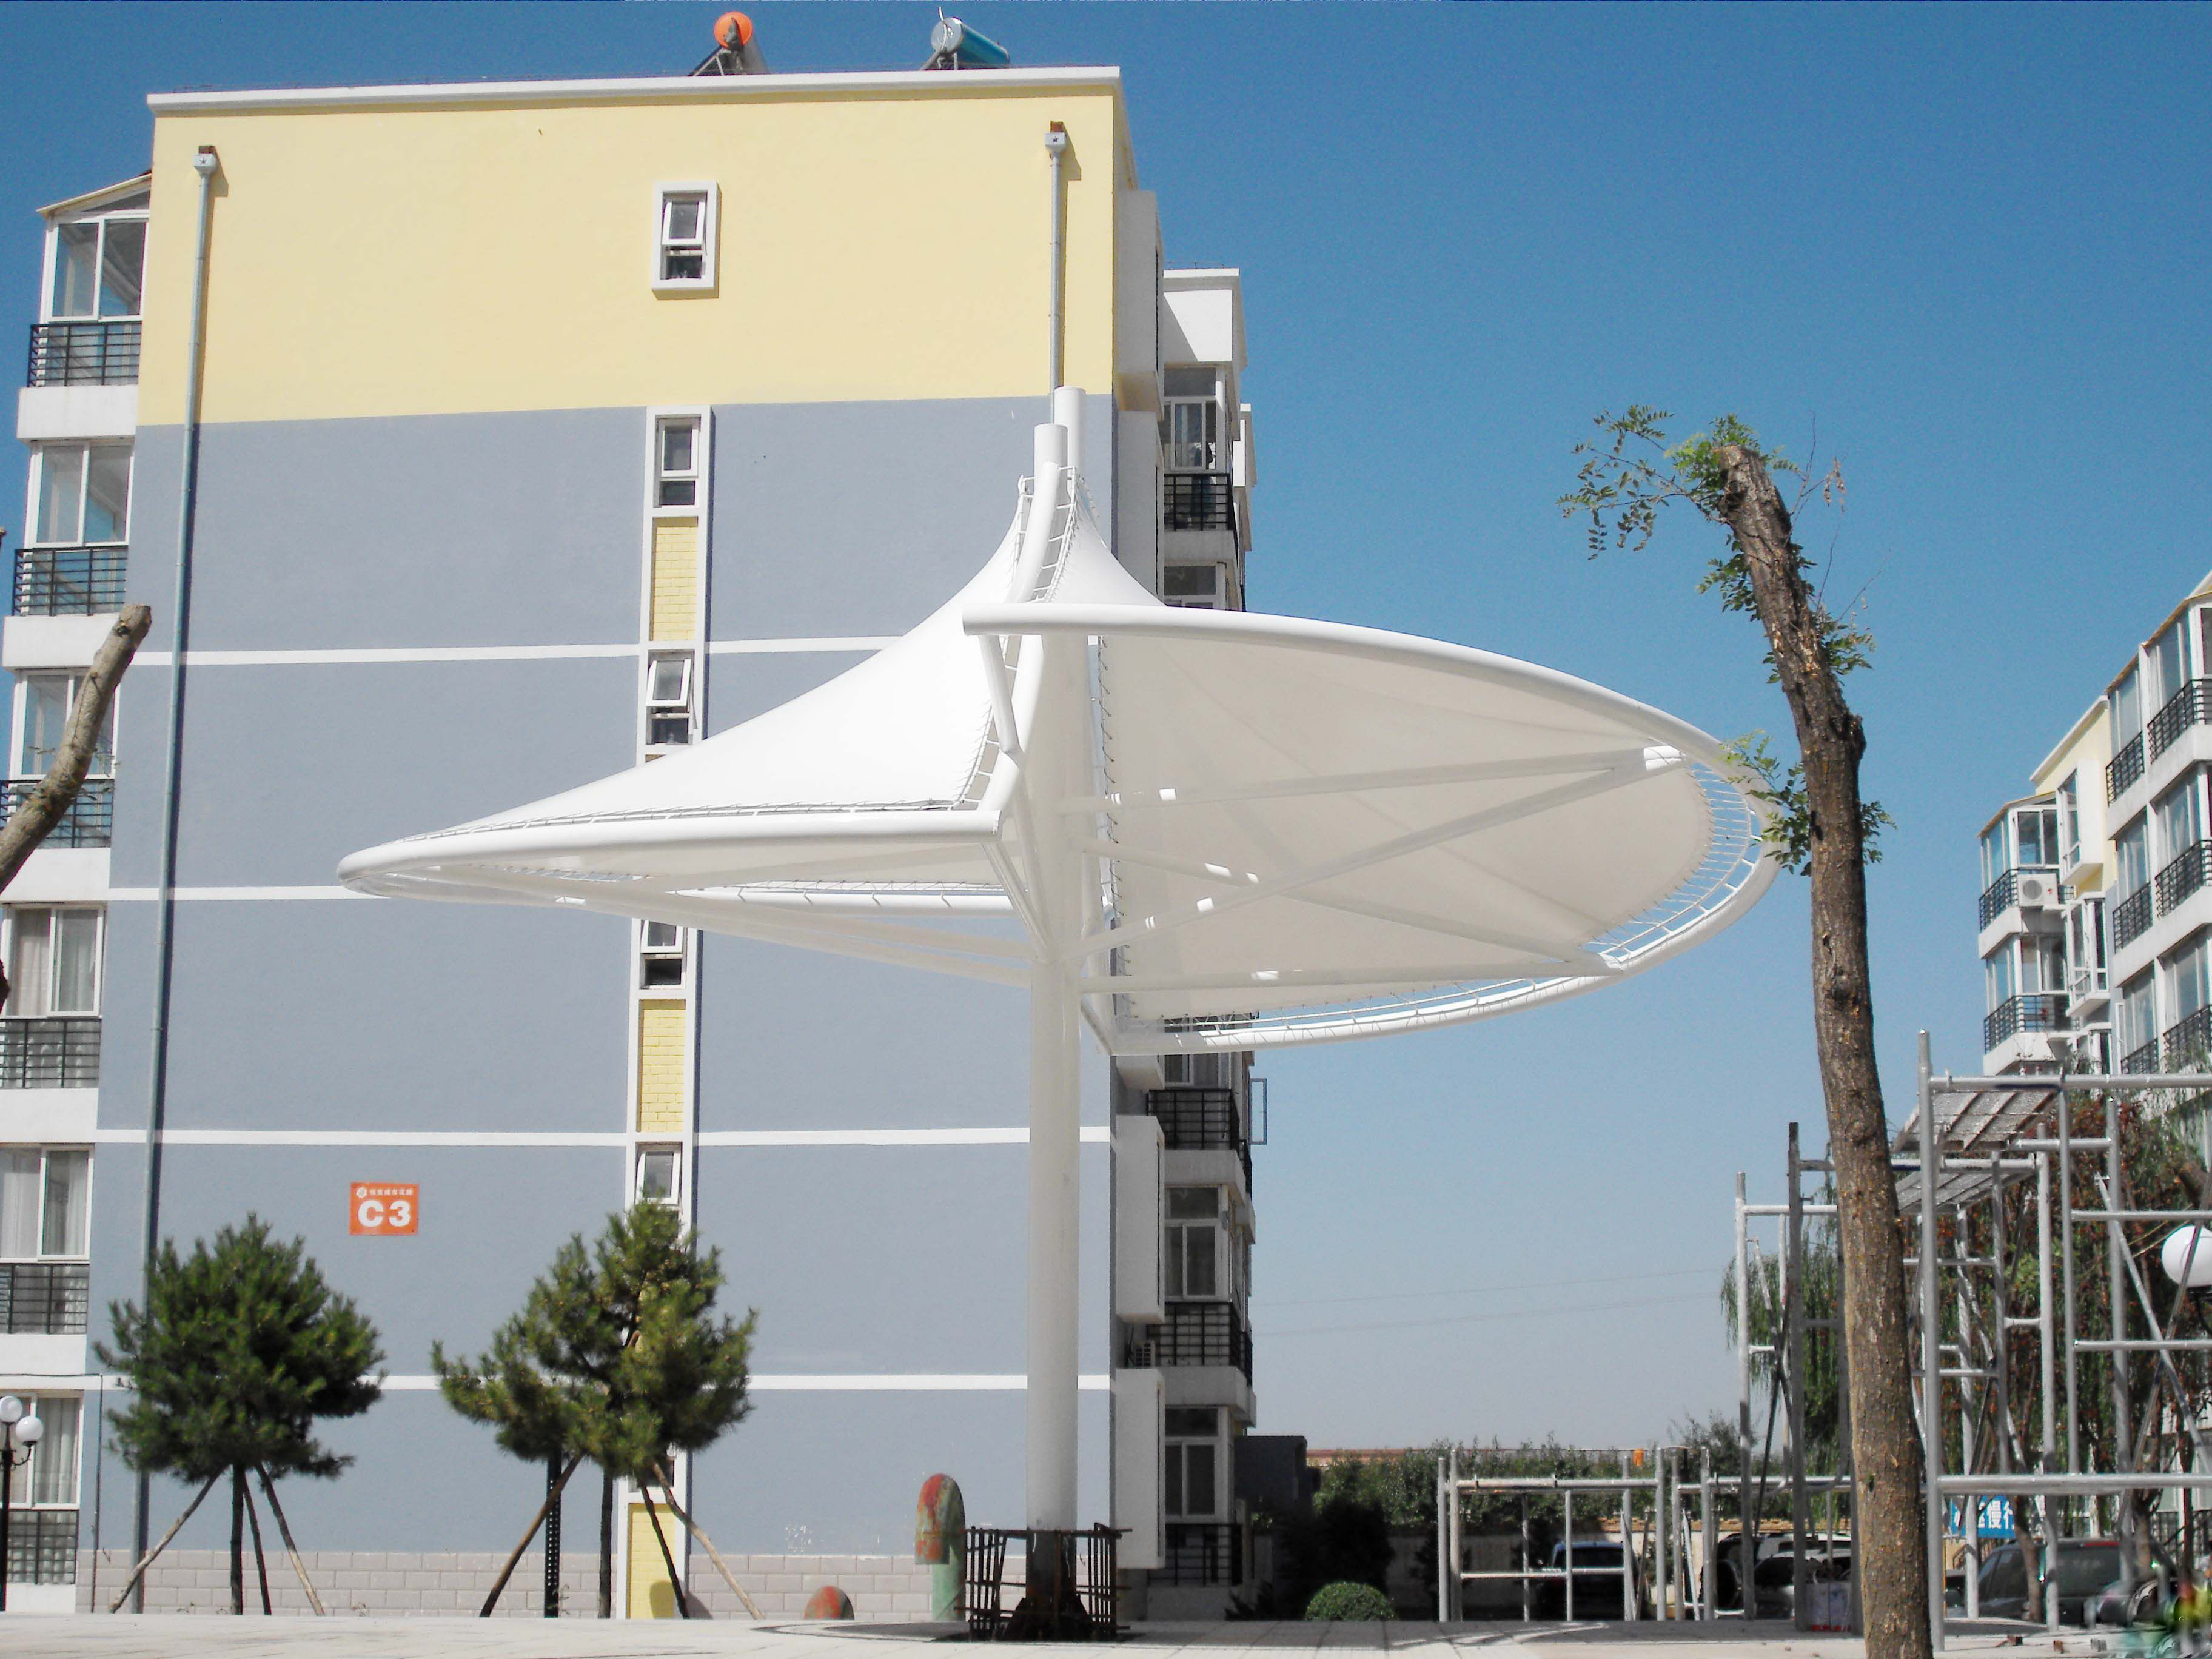 膜结构建筑伞 膜结构建筑遮阳伞 20120313014050854.jpg